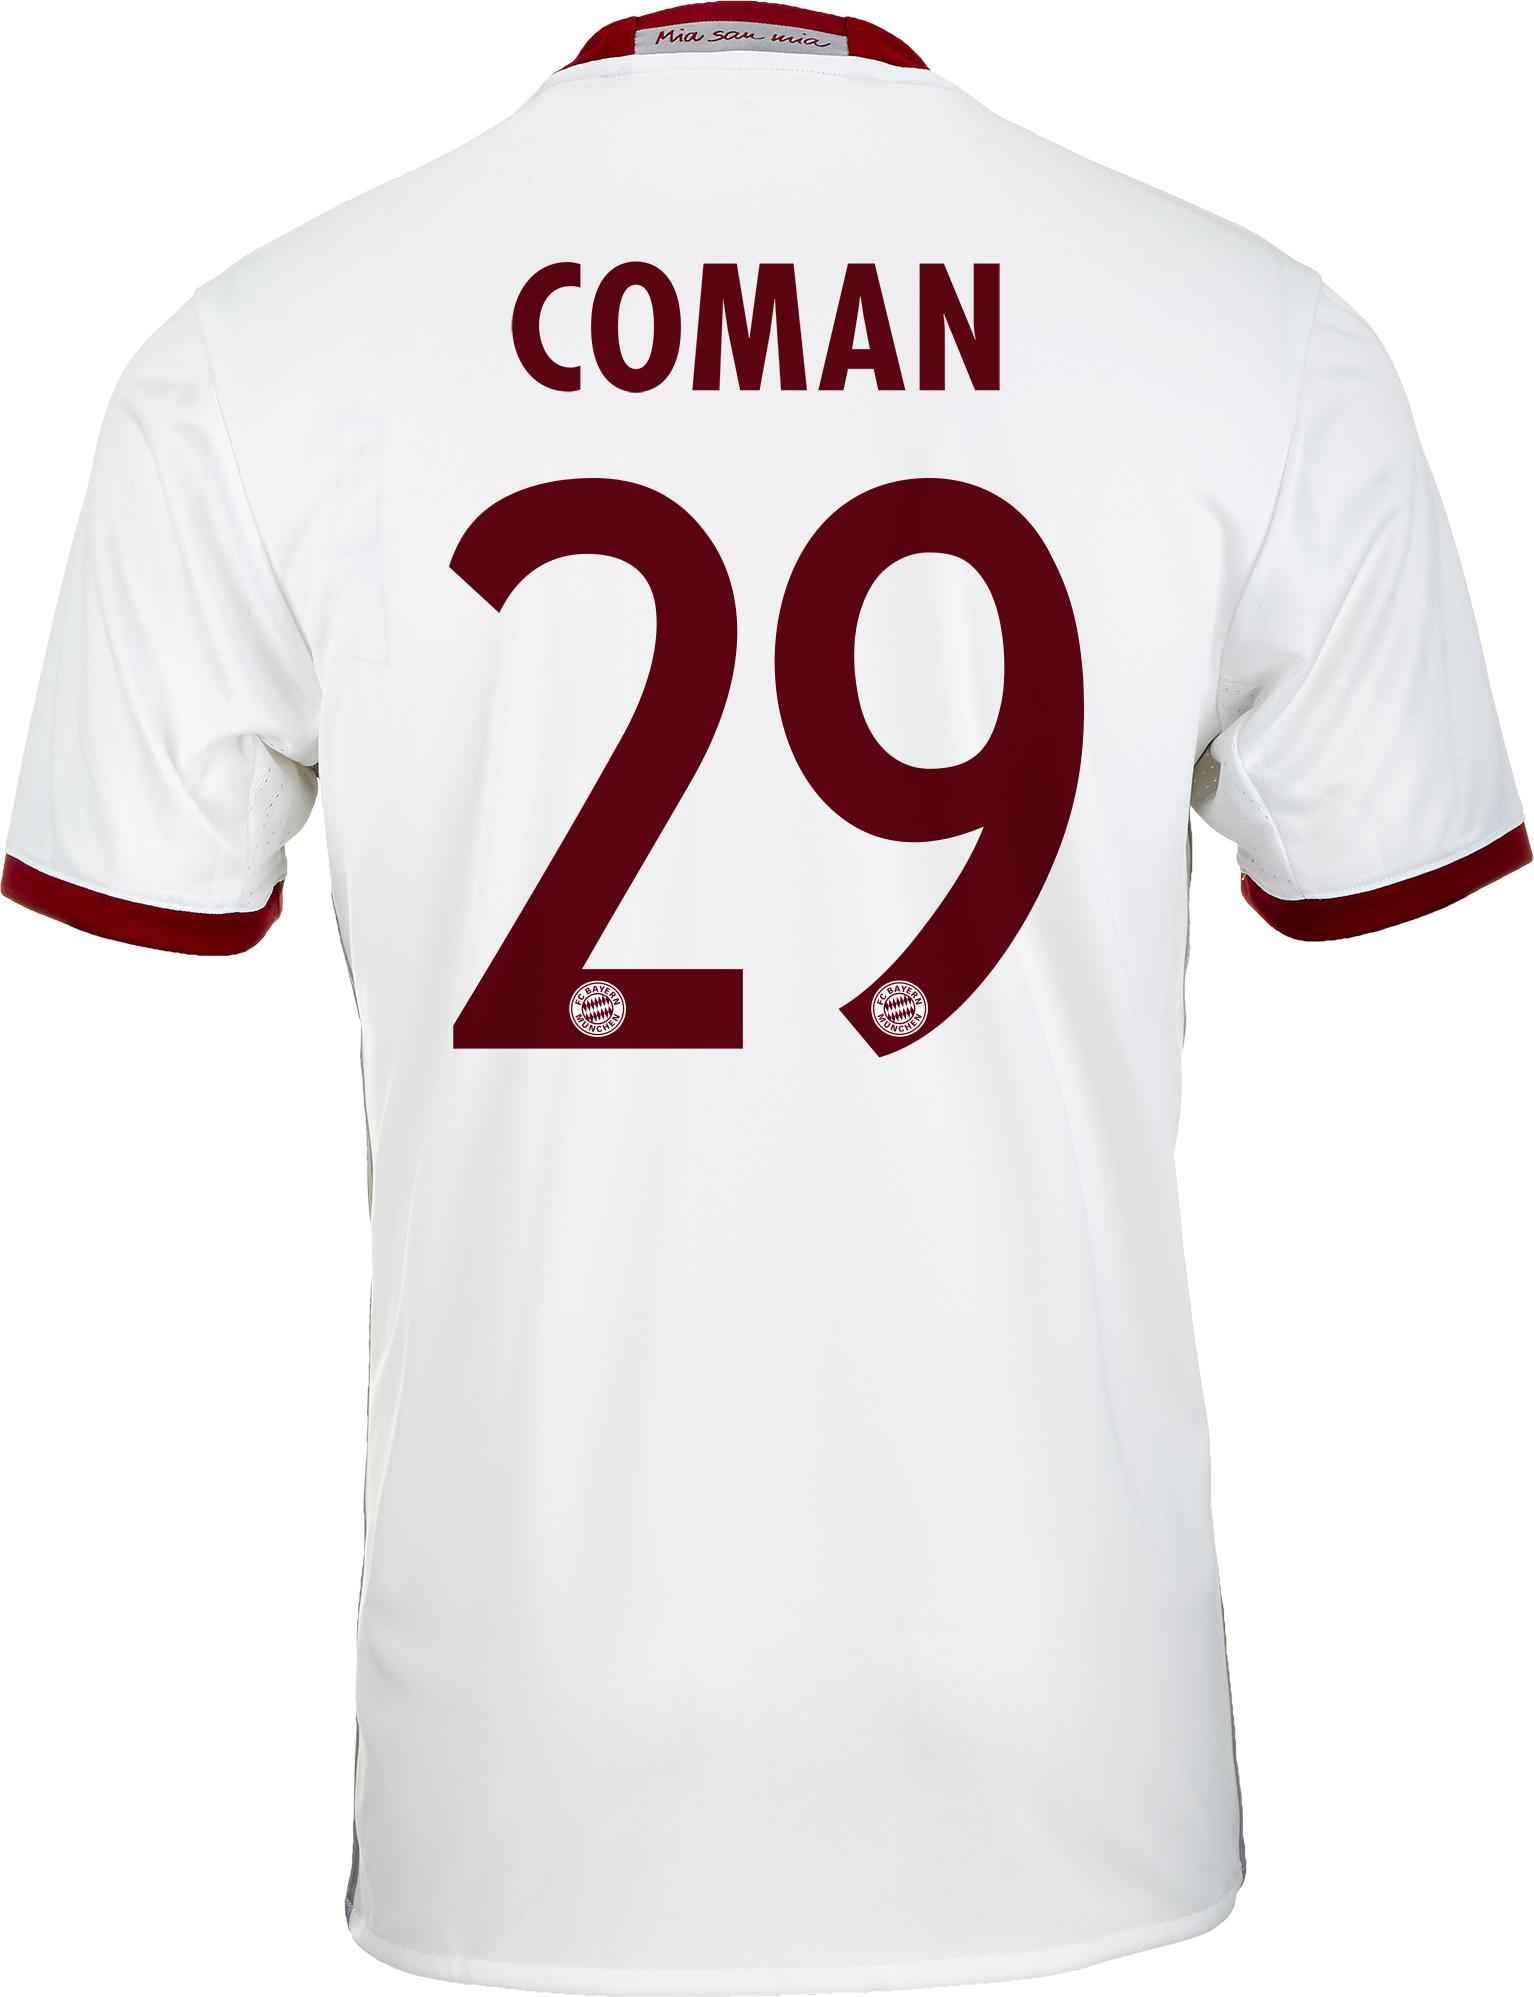 size 40 1da3c 722e5 adidas Coman Bayern Munich 3rd Jersey - Kingsley Coman Jerseys